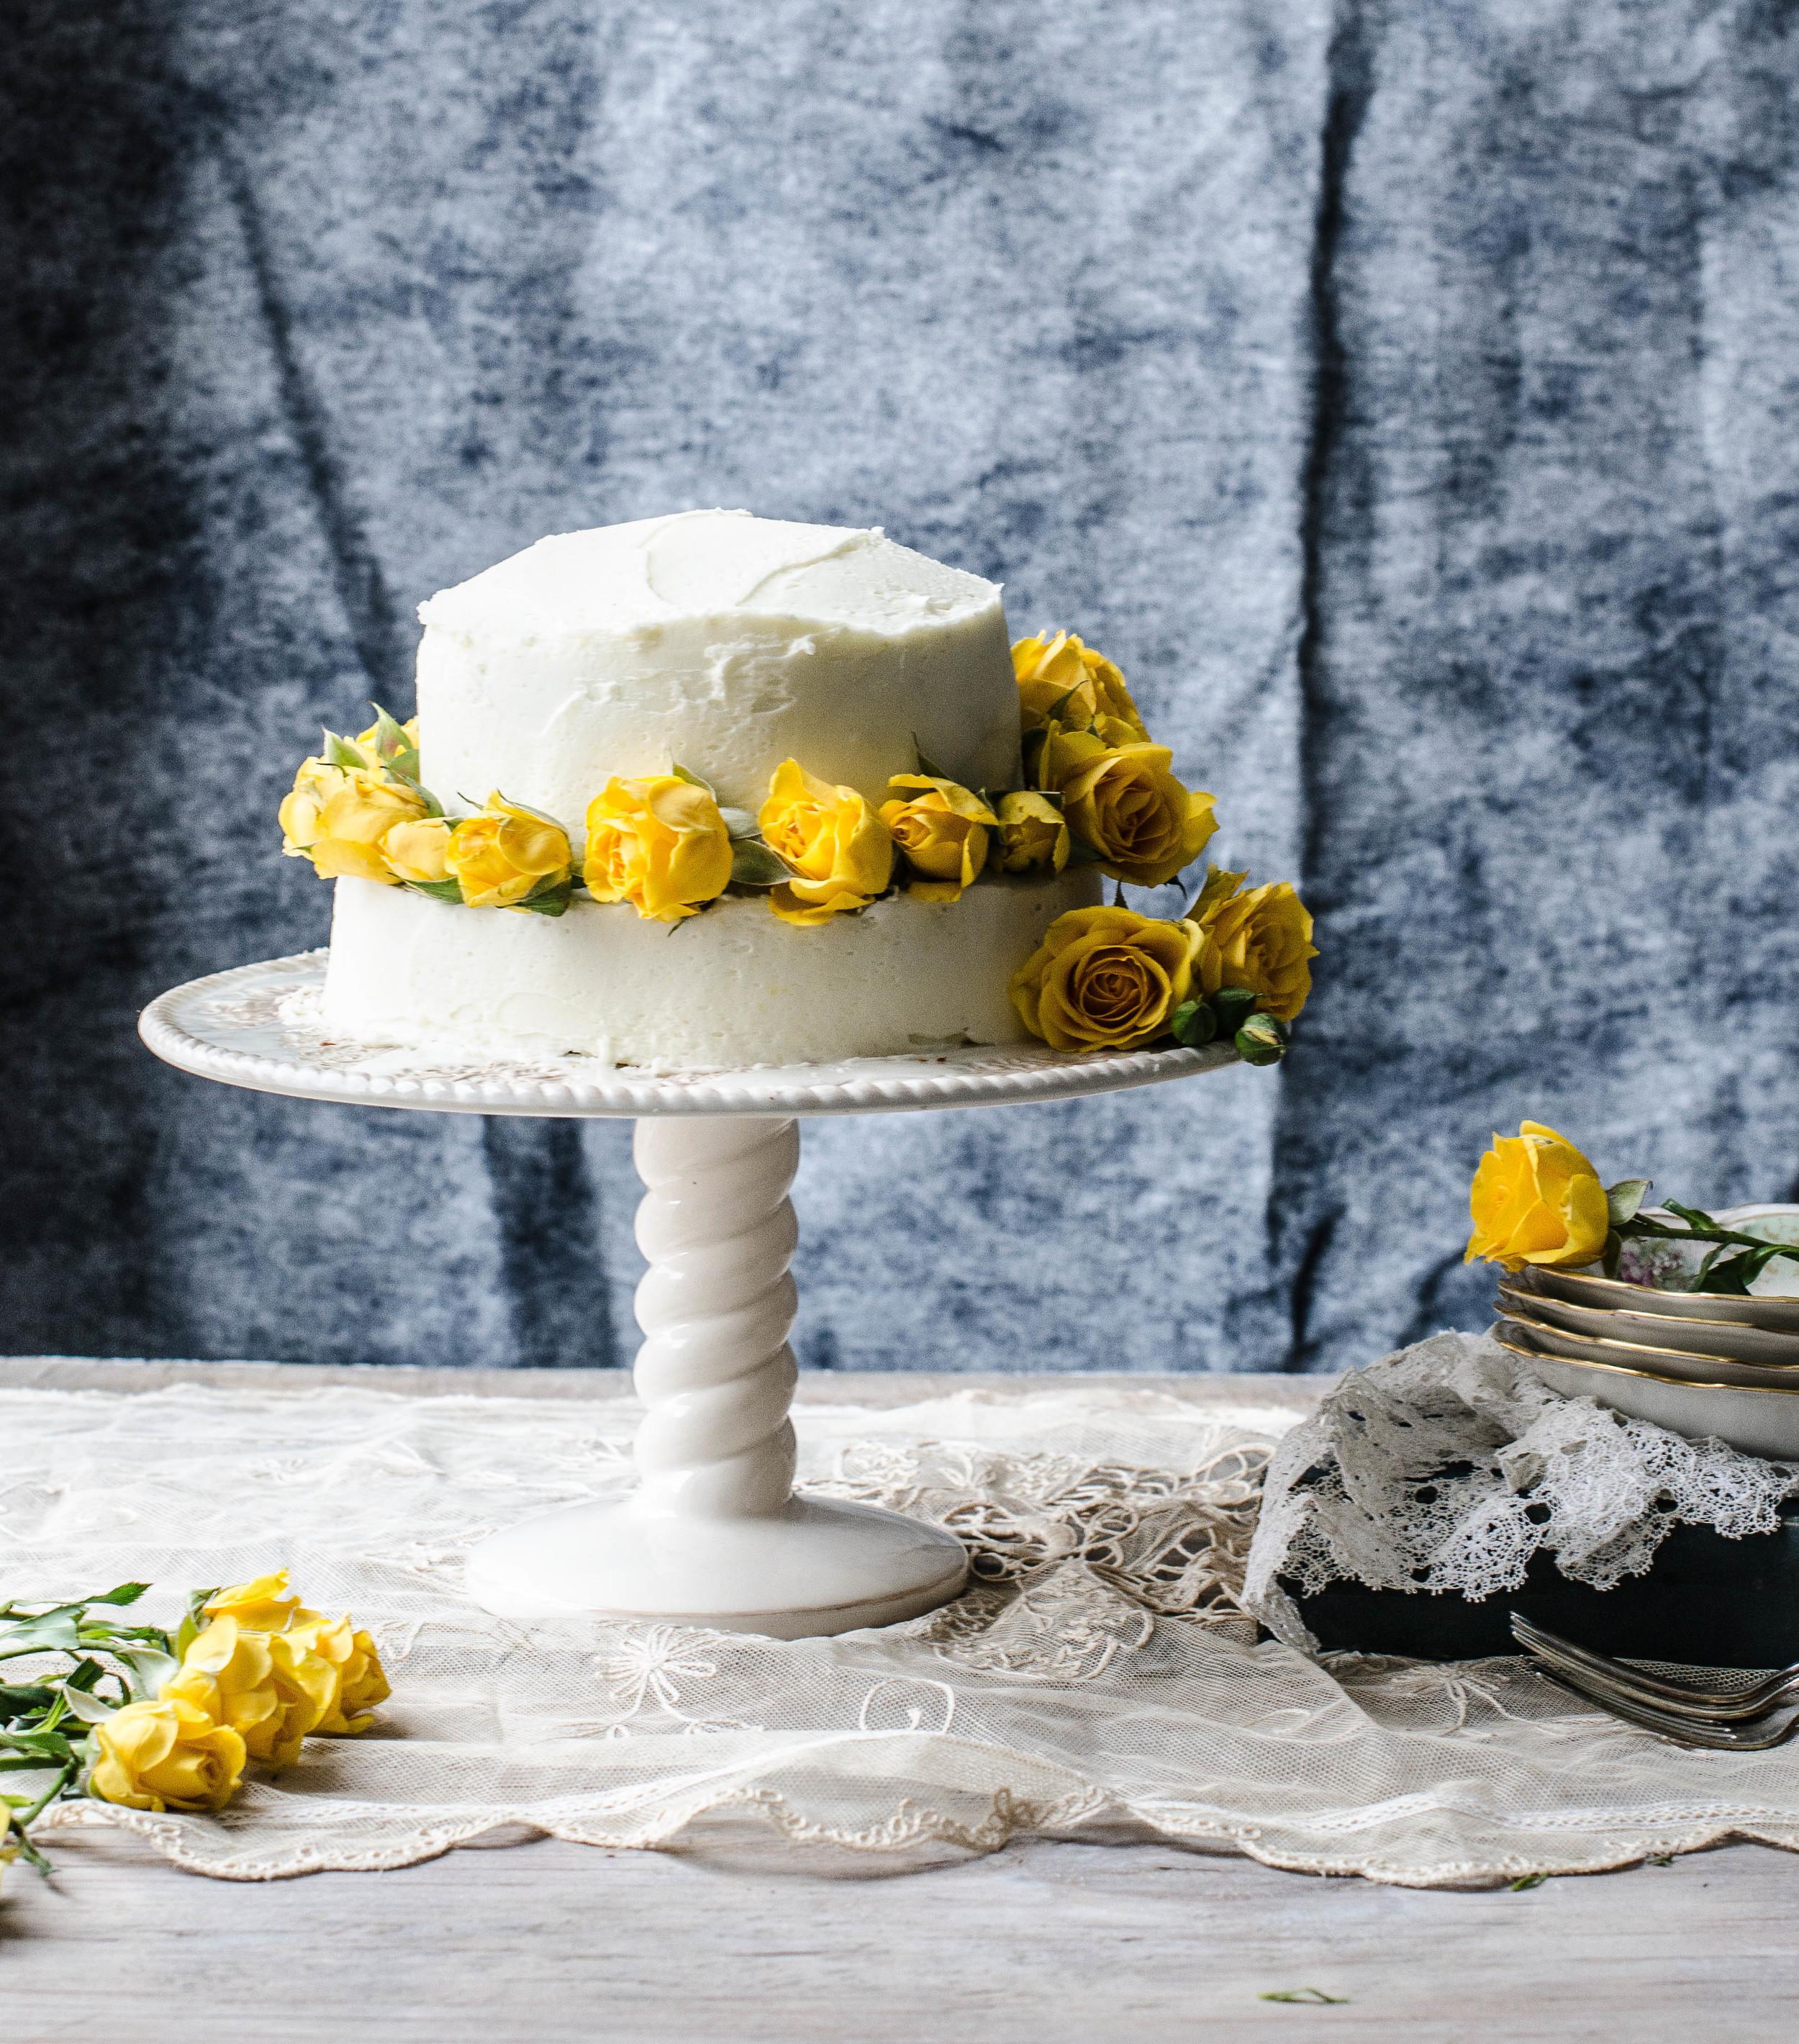 ROSE+&+IVY+JOURNAL+LEMON+CAKE+WITH+LEMON+BUTTERCREAM.jpeg